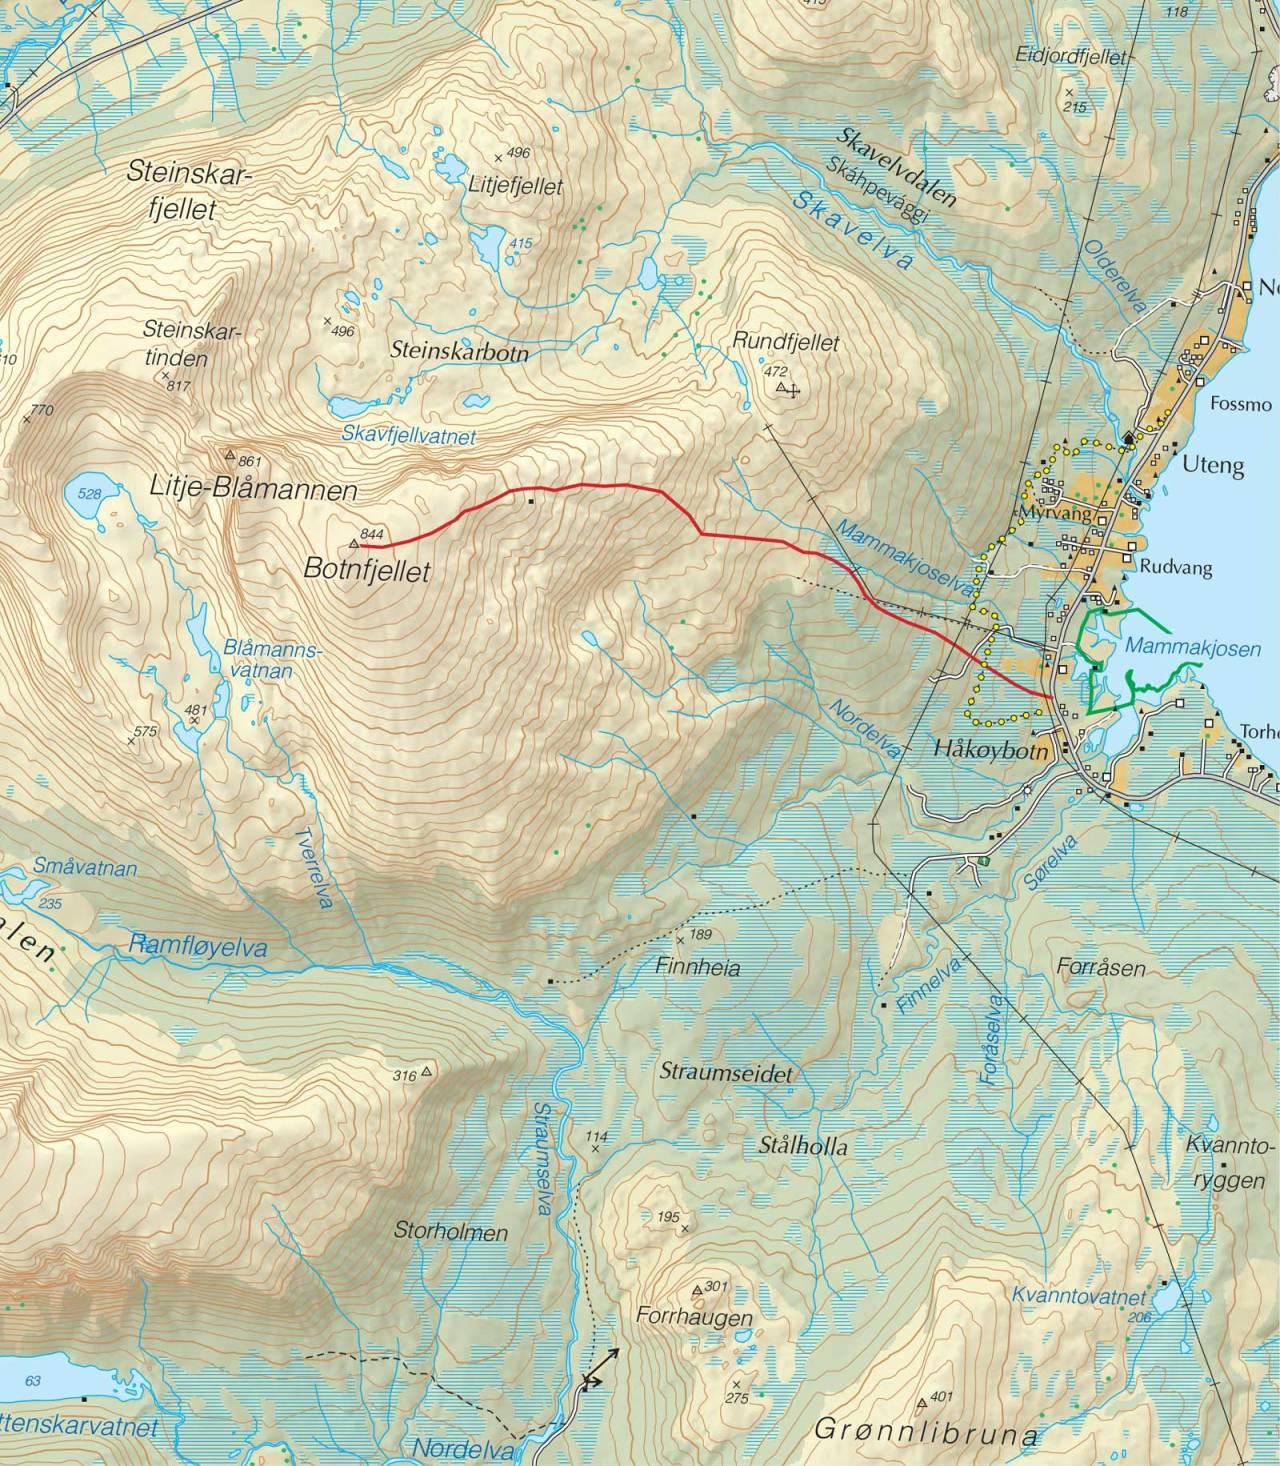 Kart over Lille Blåmannen med inntegnet rute. Fra Trygge toppturer.